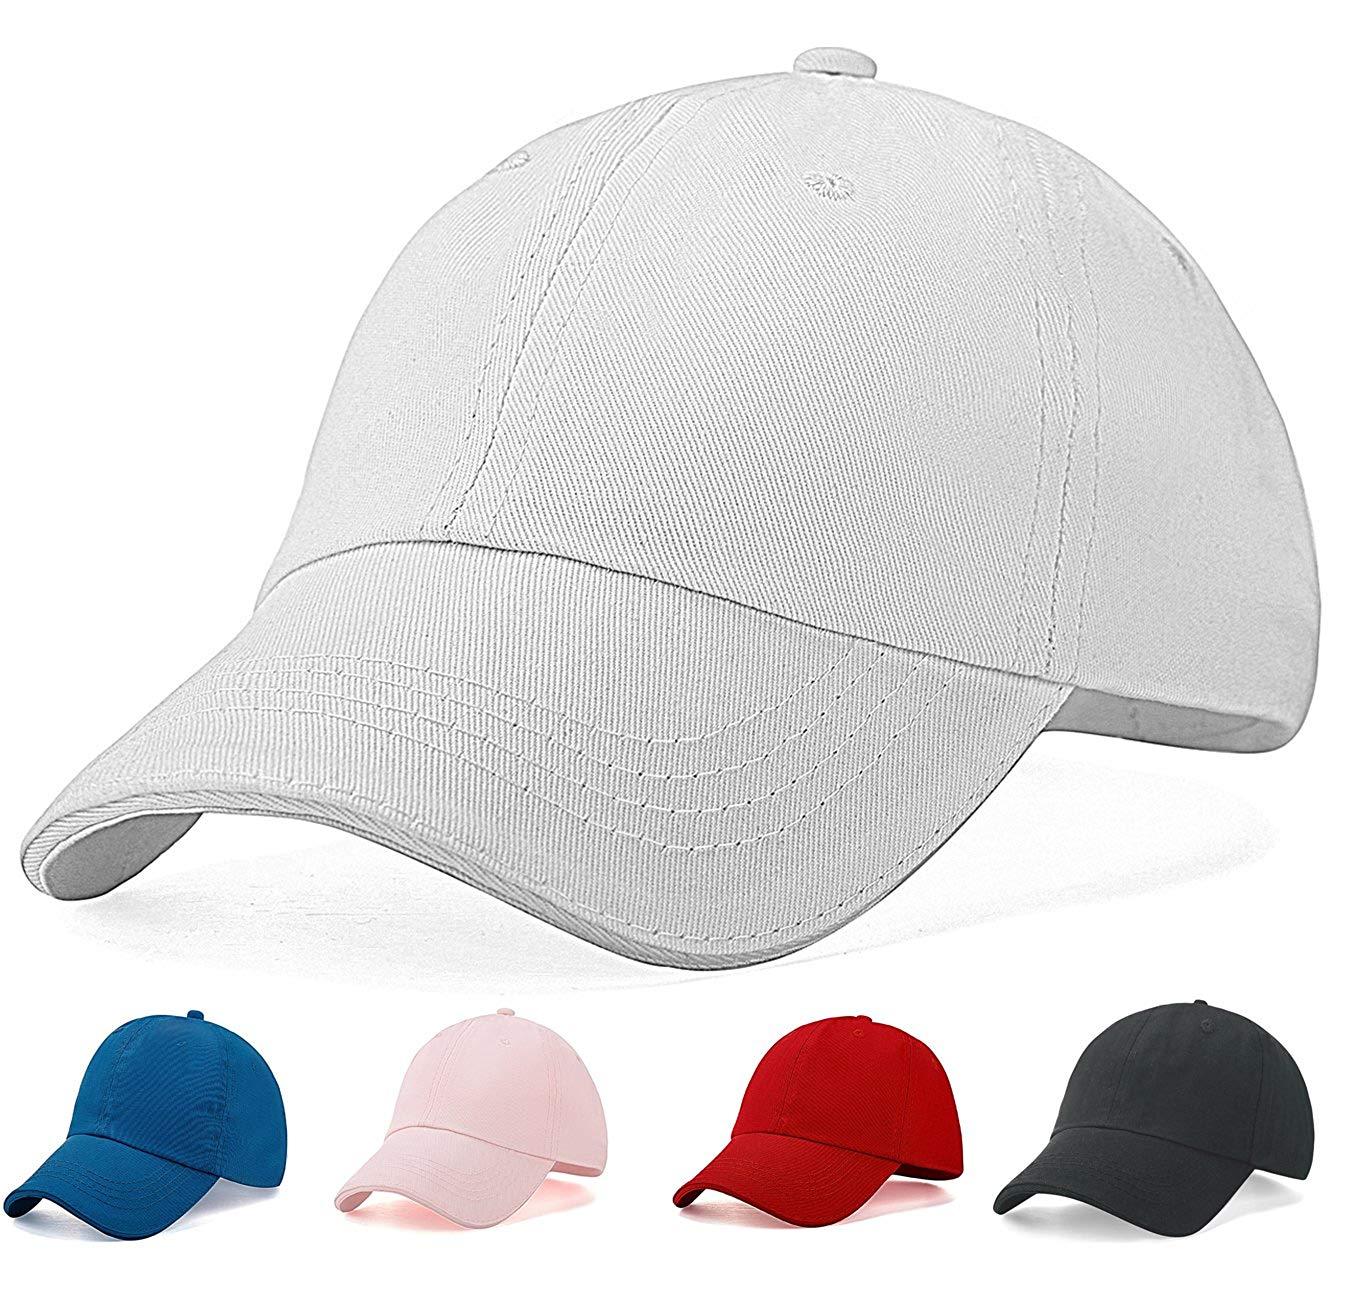 601711976f67d Cheap Kangol Hats Kids, find Kangol Hats Kids deals on line at ...